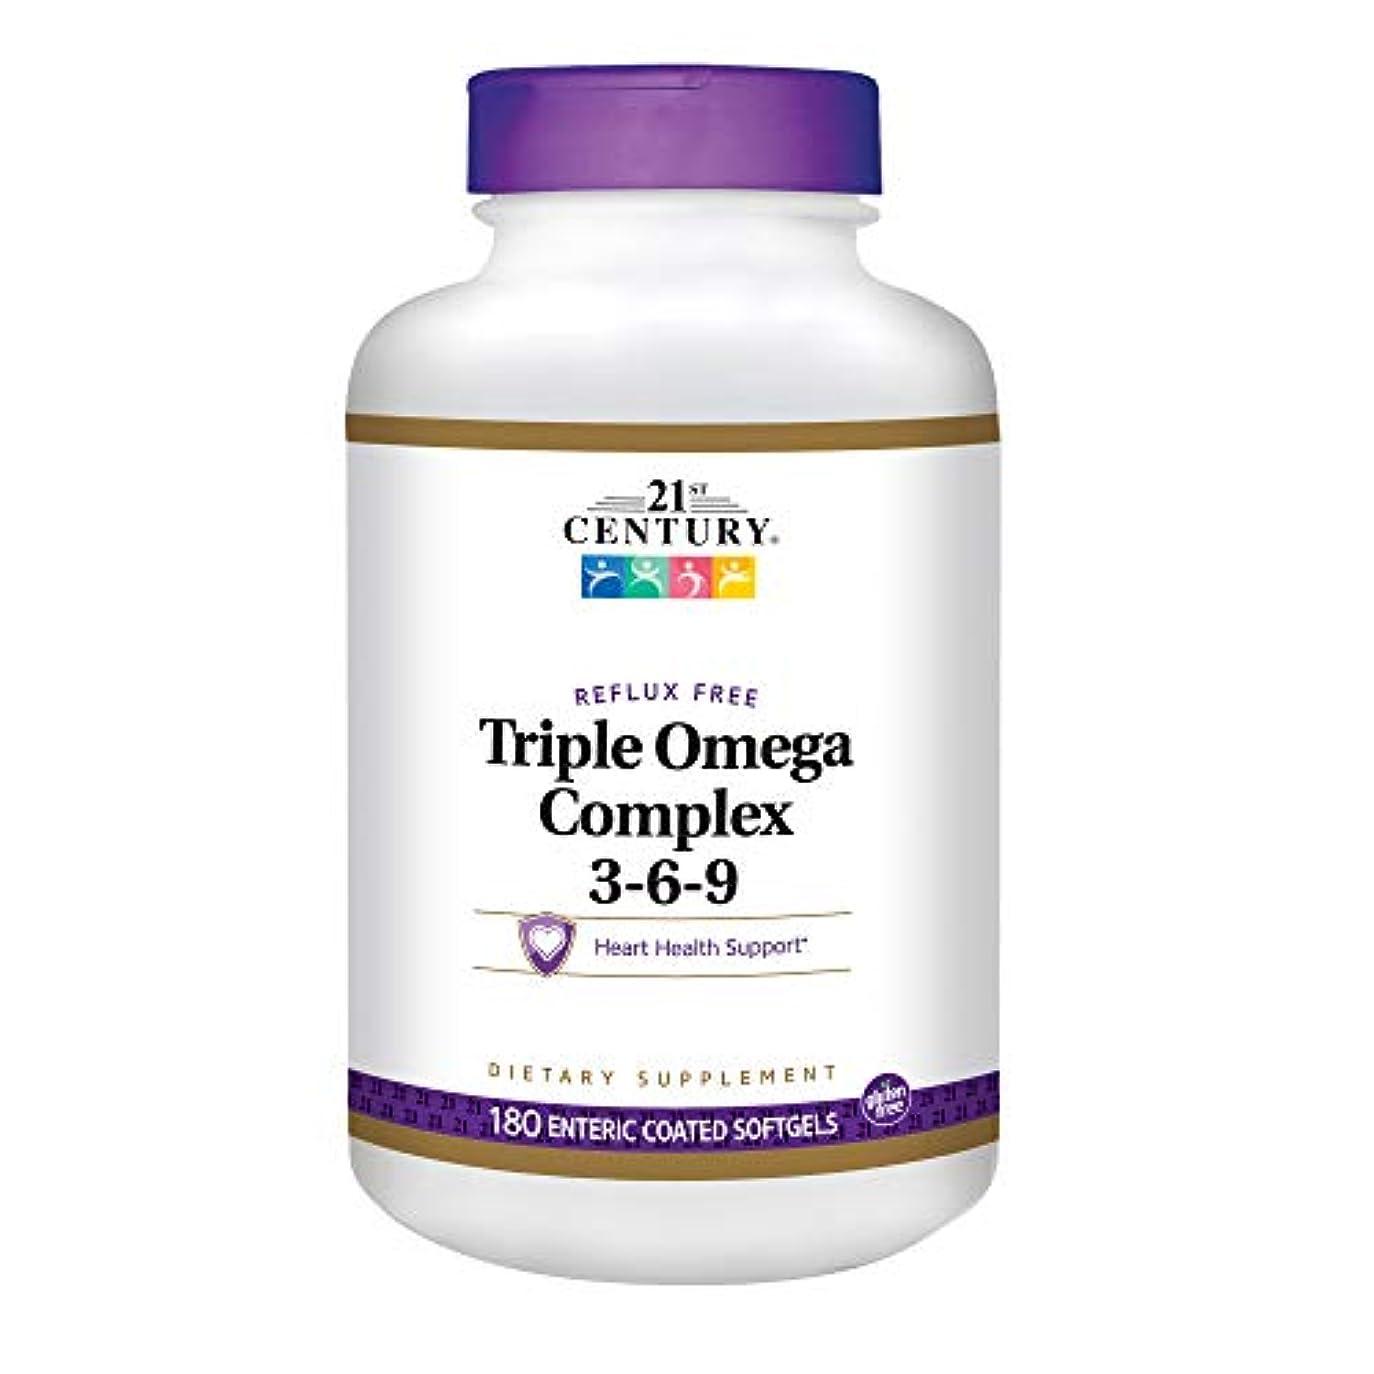 立法ドライブ藤色21st Century Health Care, Triple Omega Complex 3-6-9, 180 Enteric Coated Softgels